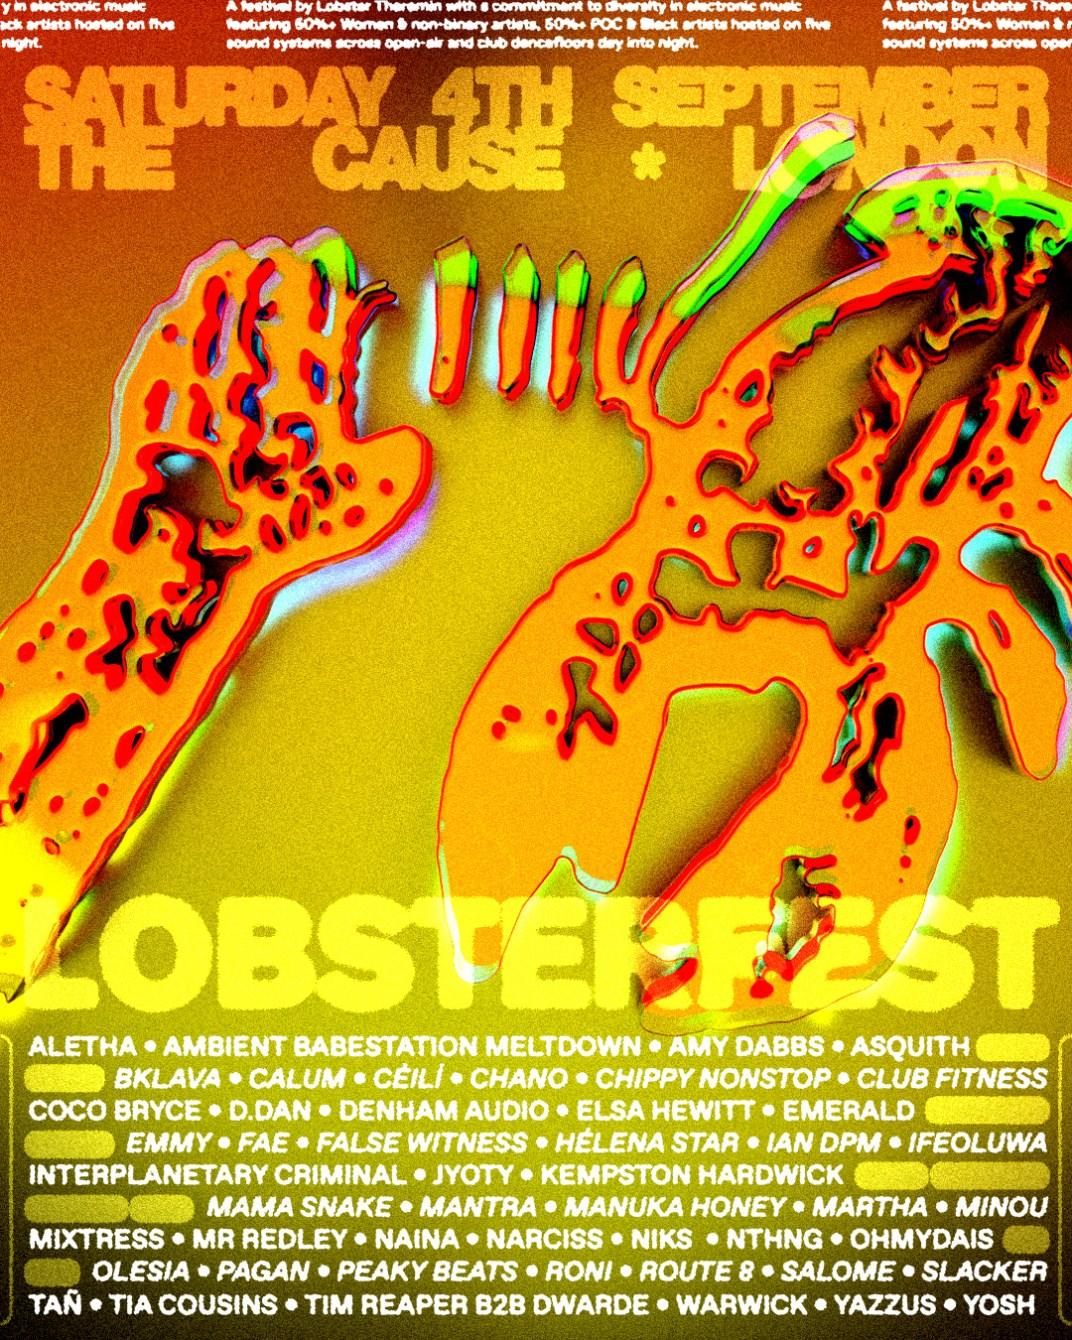 LOBSTERFEST - Flyer back